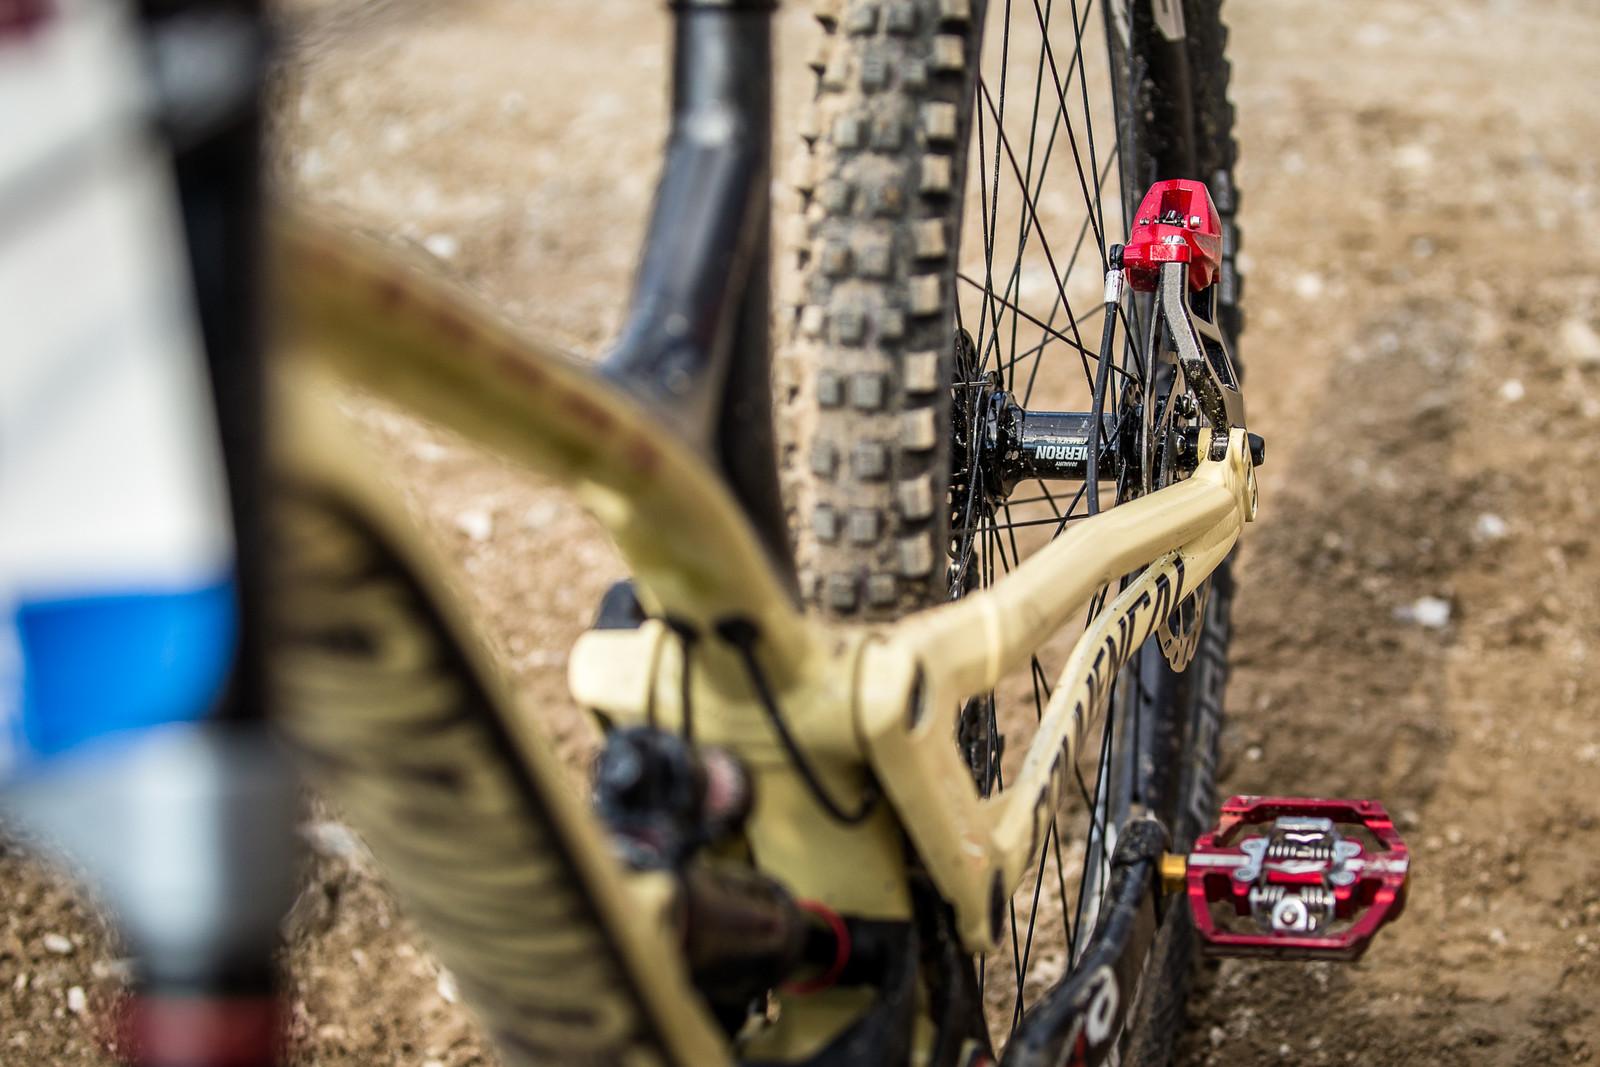 Look at that brake adaptor! - WINNING BIKE - Amaury Pierron's Commencal Supreme DH 29 - Mountain Biking Pictures - Vital MTB